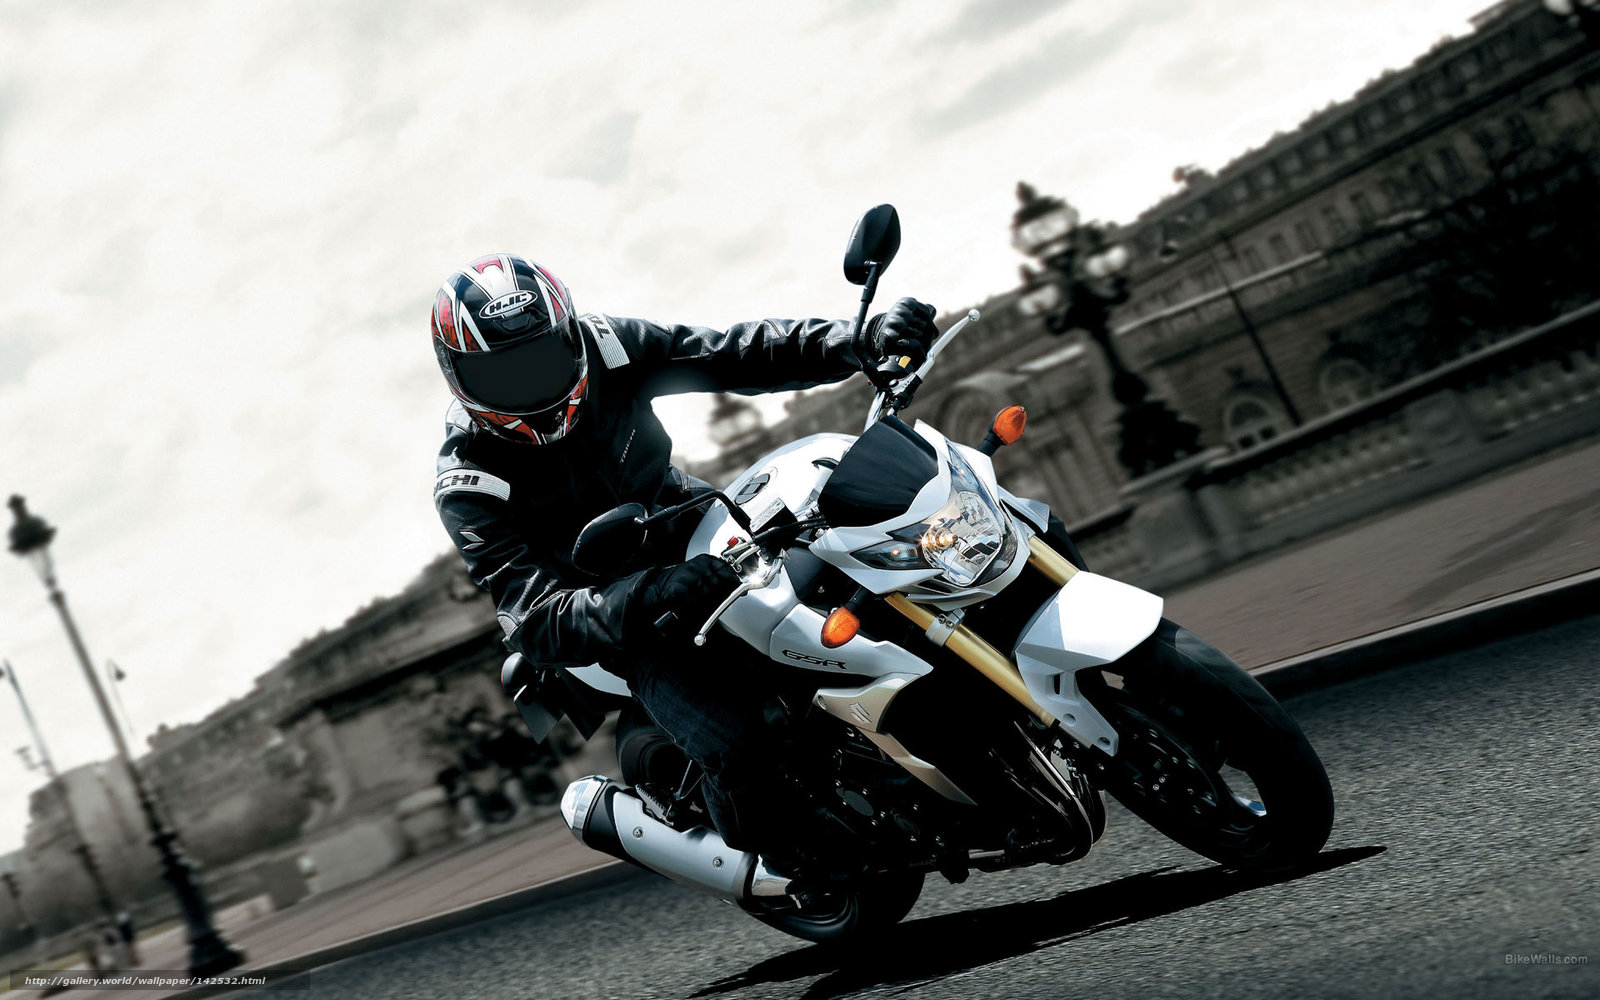 Парень на мотоцикле фото с высоким разрешением